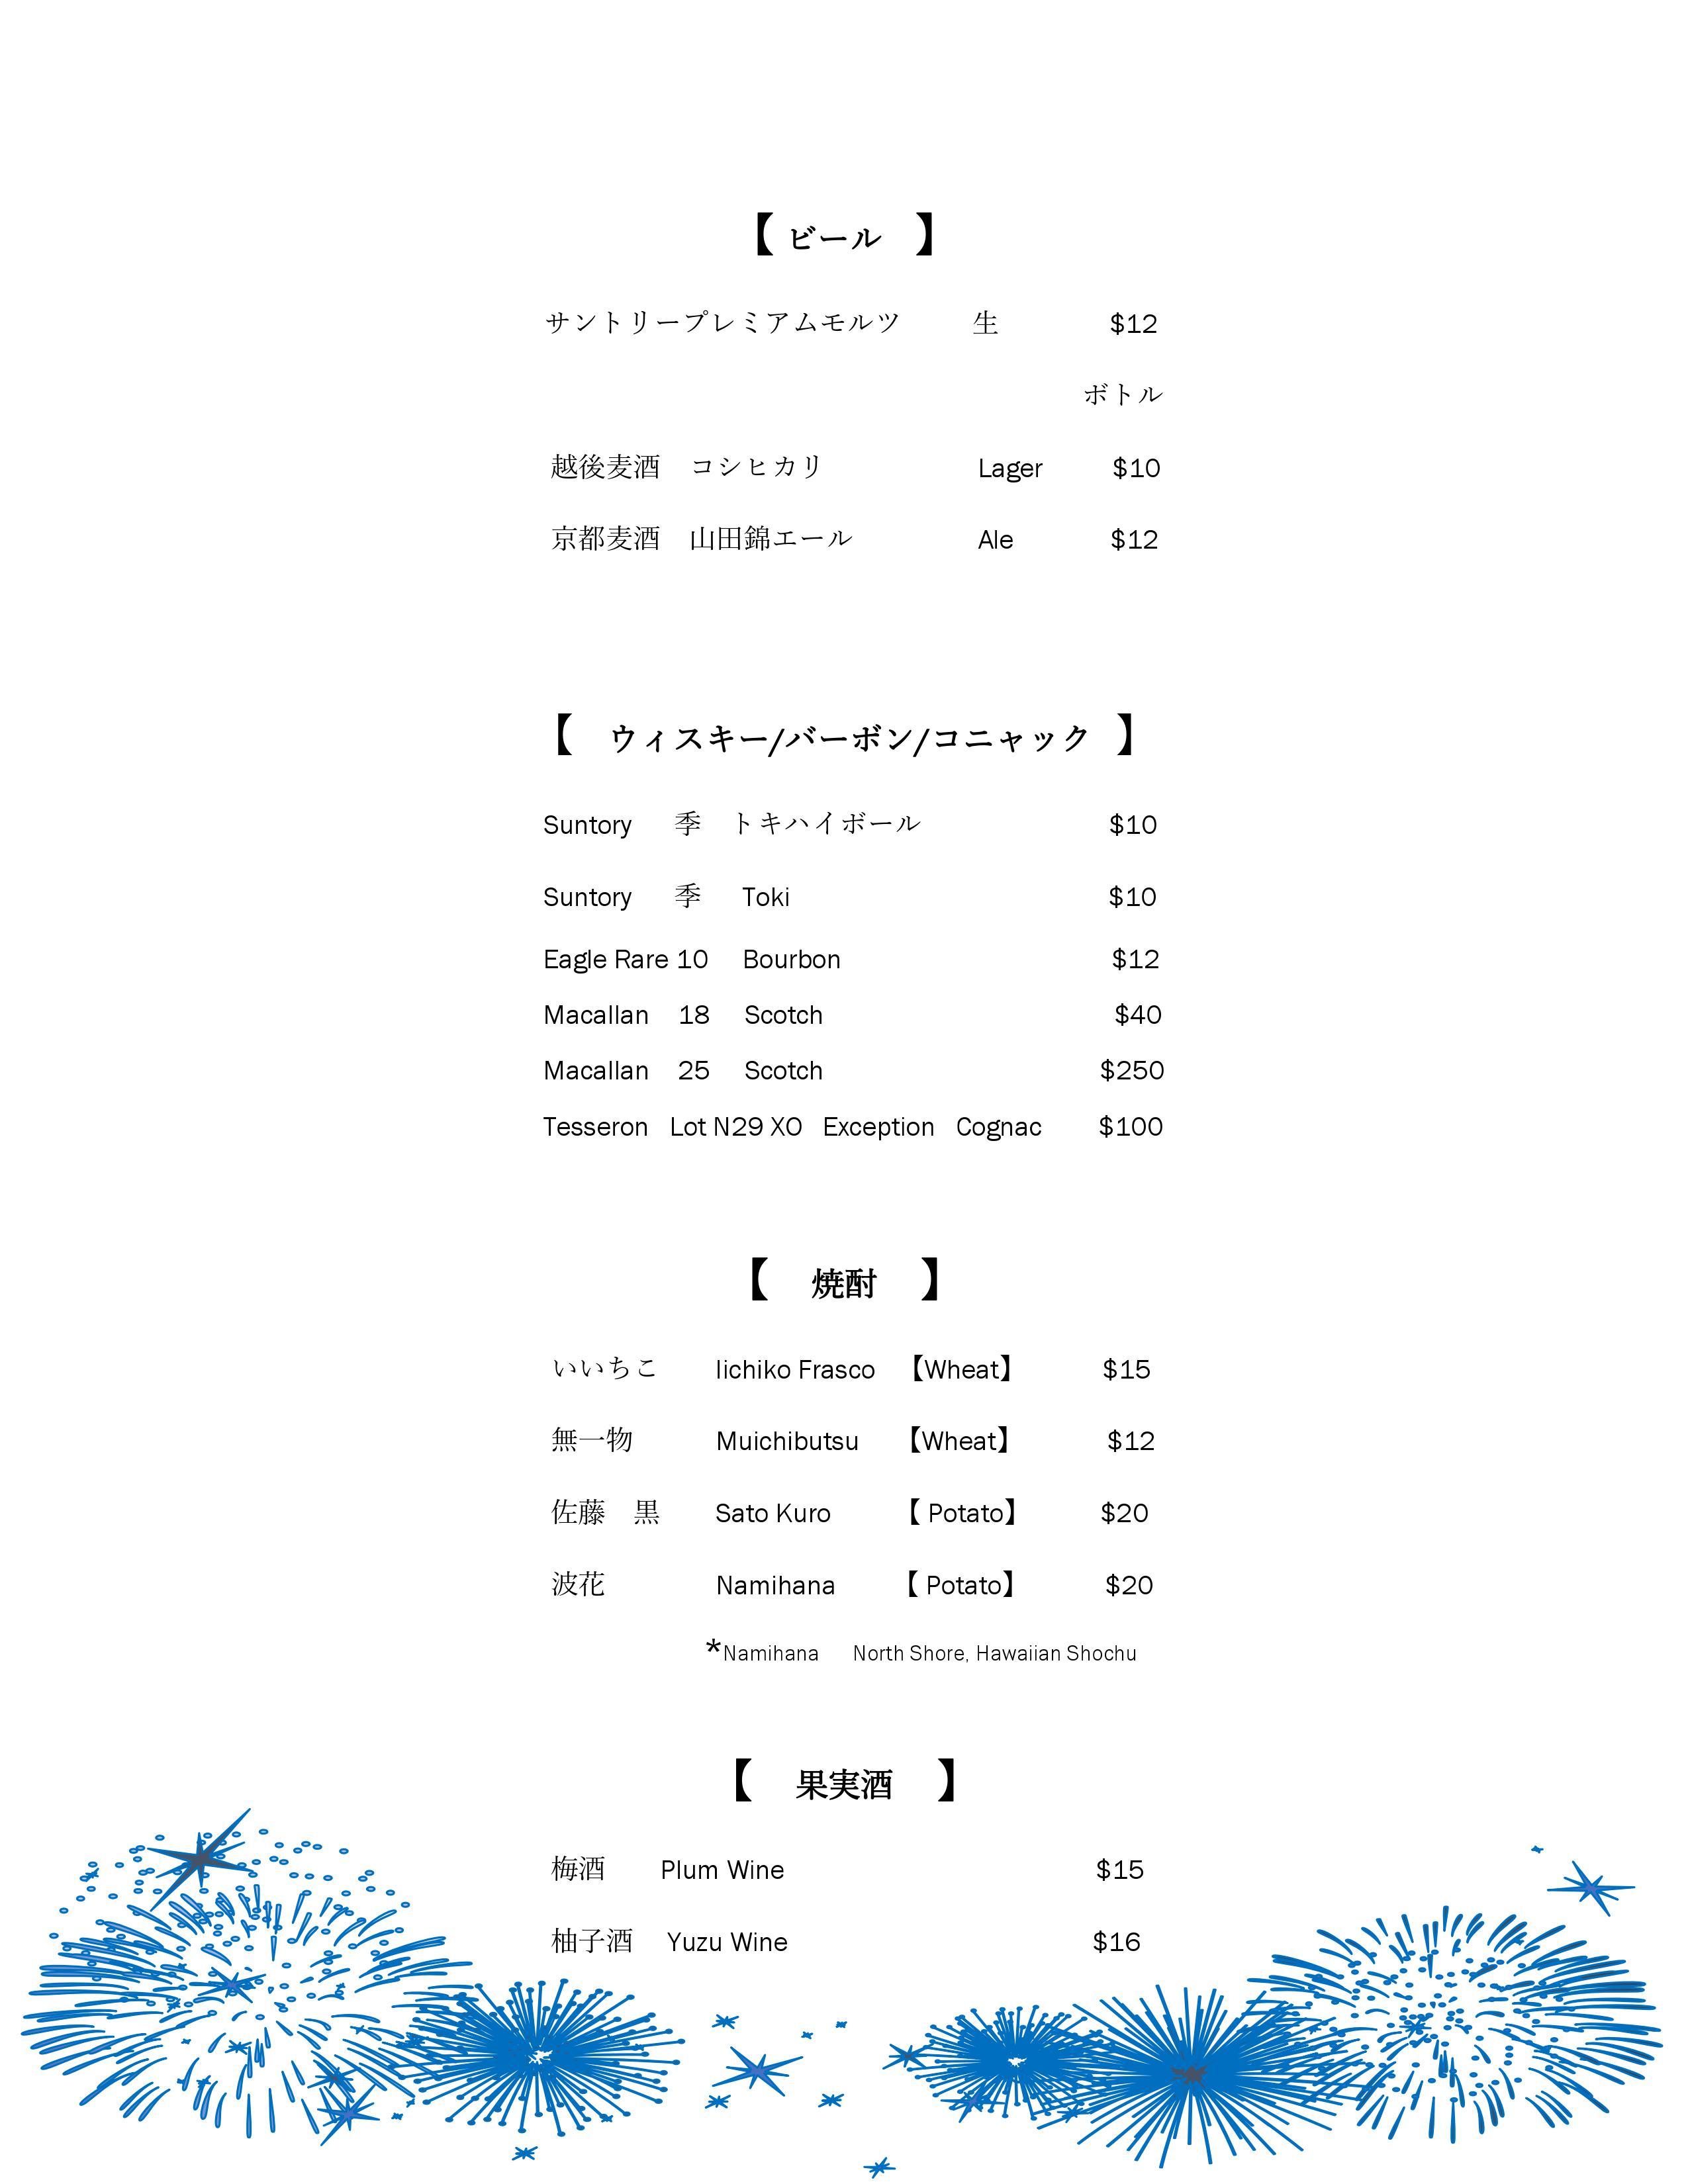 鉄板焼 [ハワイ店] ディナーメニュー7